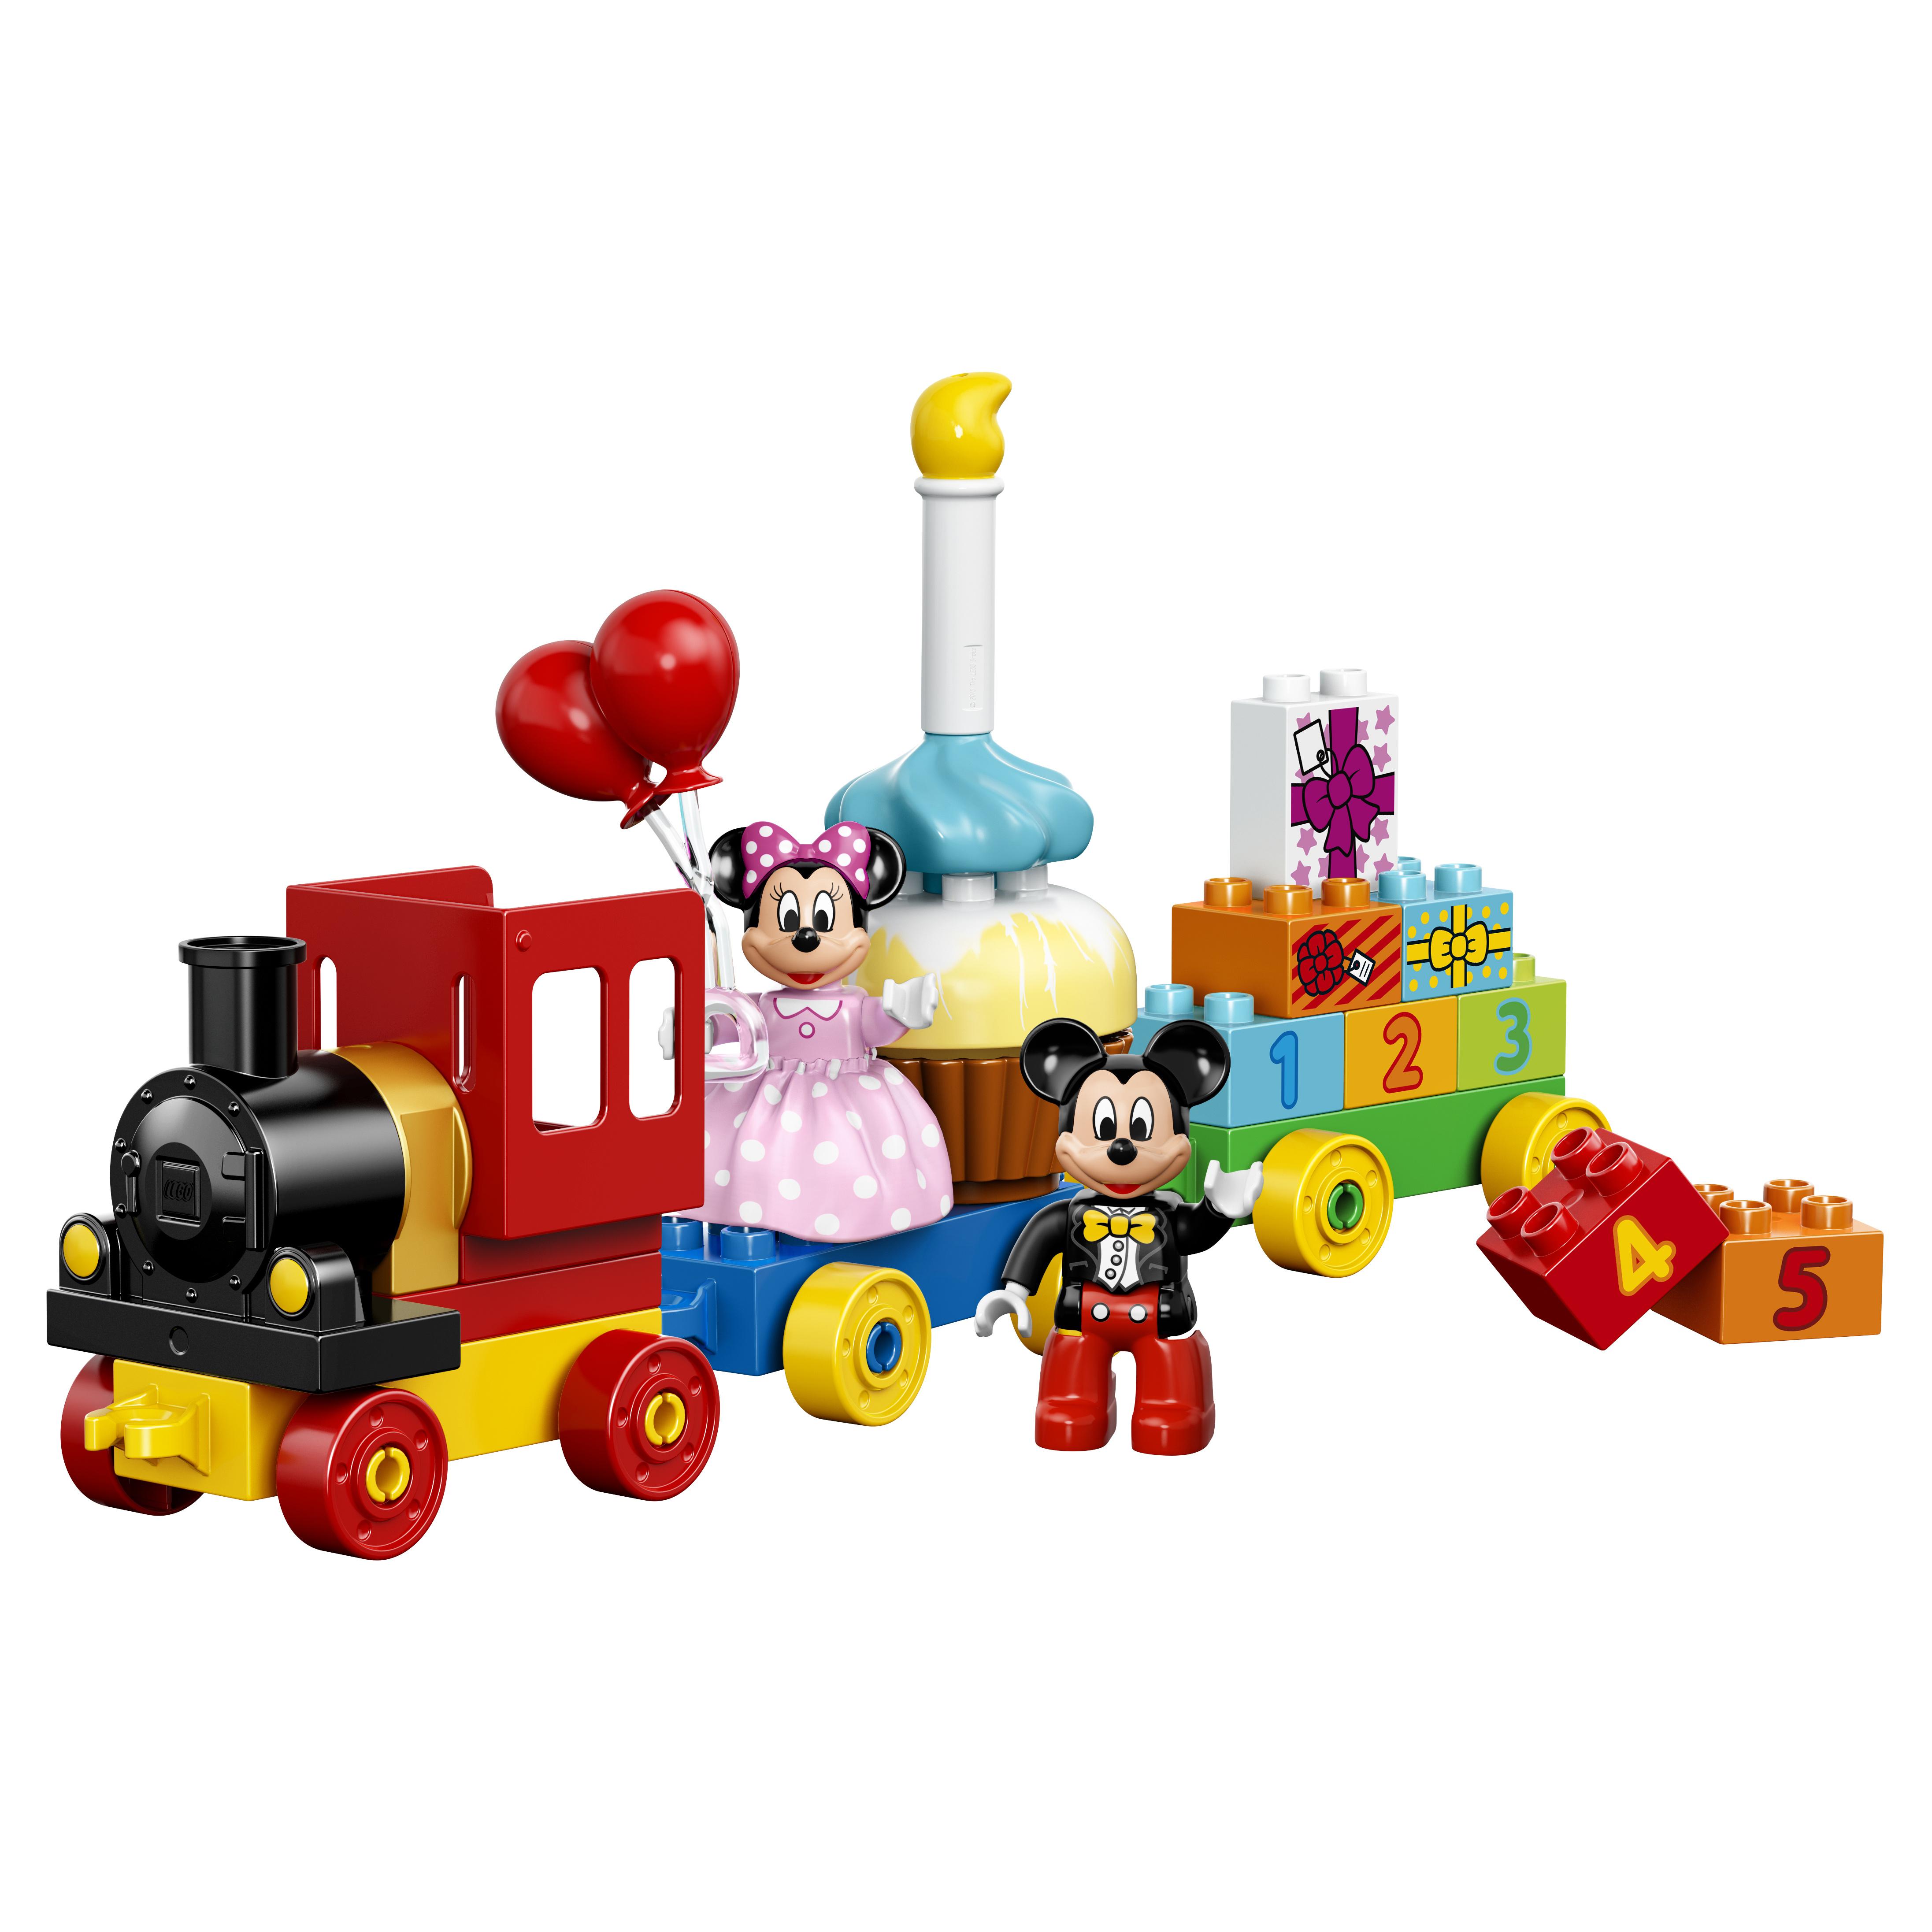 Конструктор LEGO Duplo Disney День рождения с Микки и Минни (10597) фото